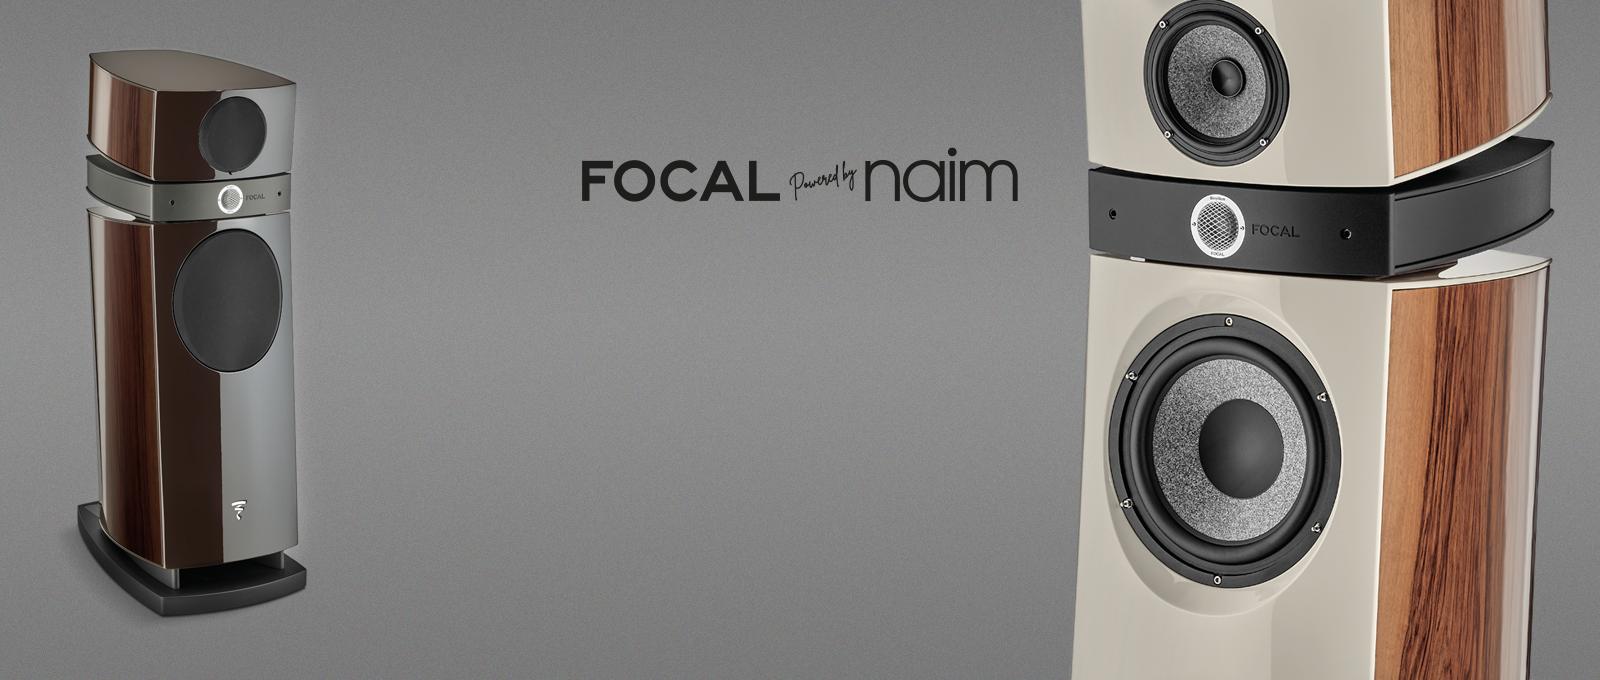 Foca-Naim-Store